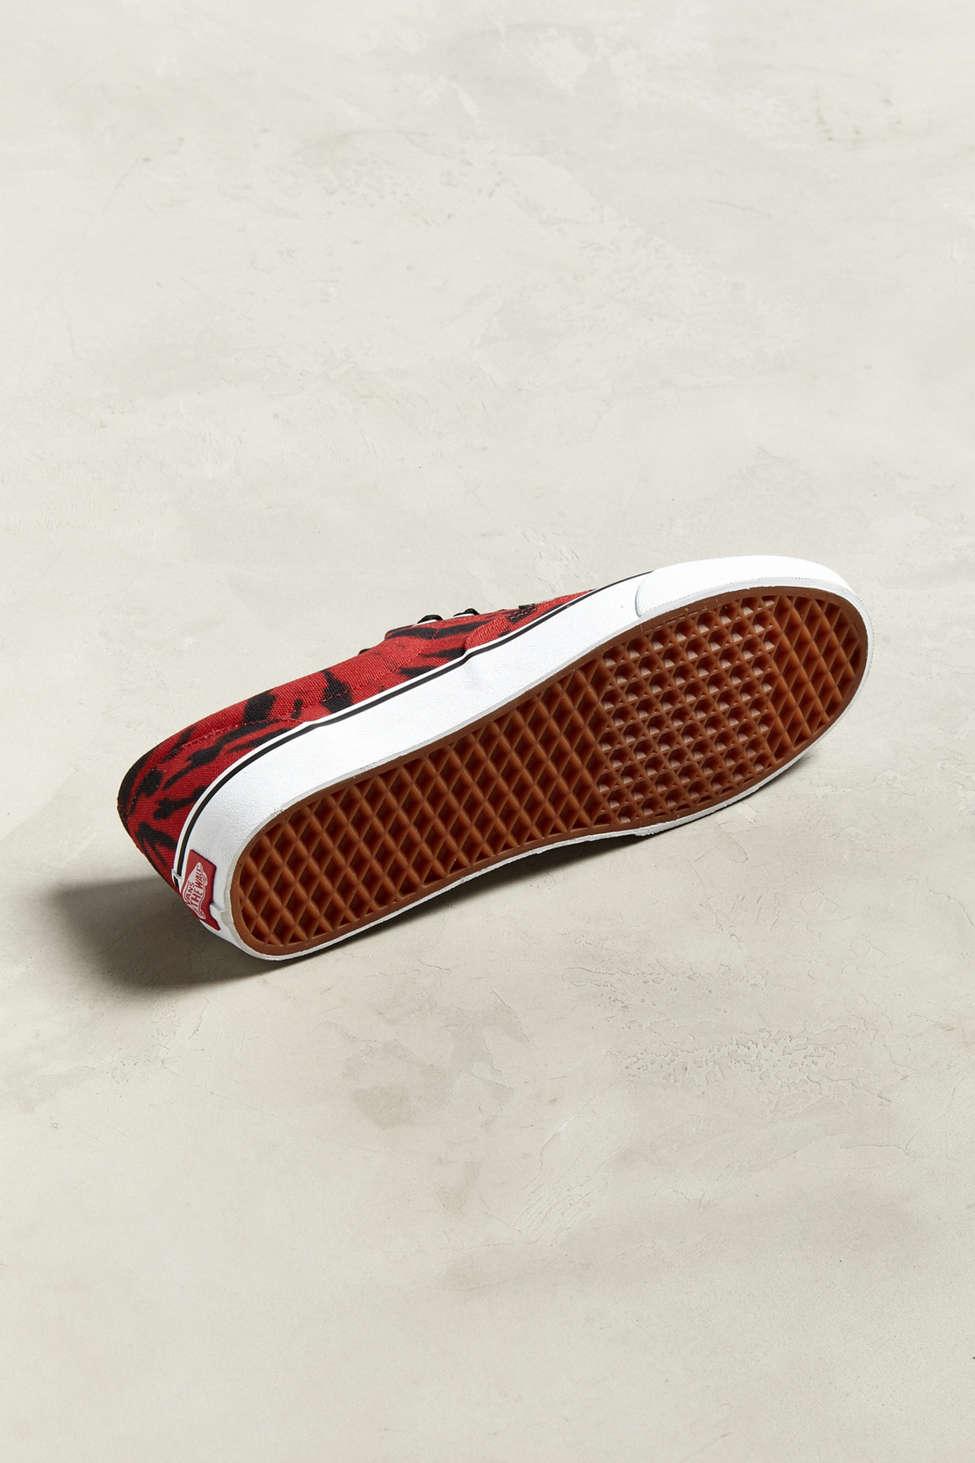 Vans Tie Dye Era Sneaker by Vans